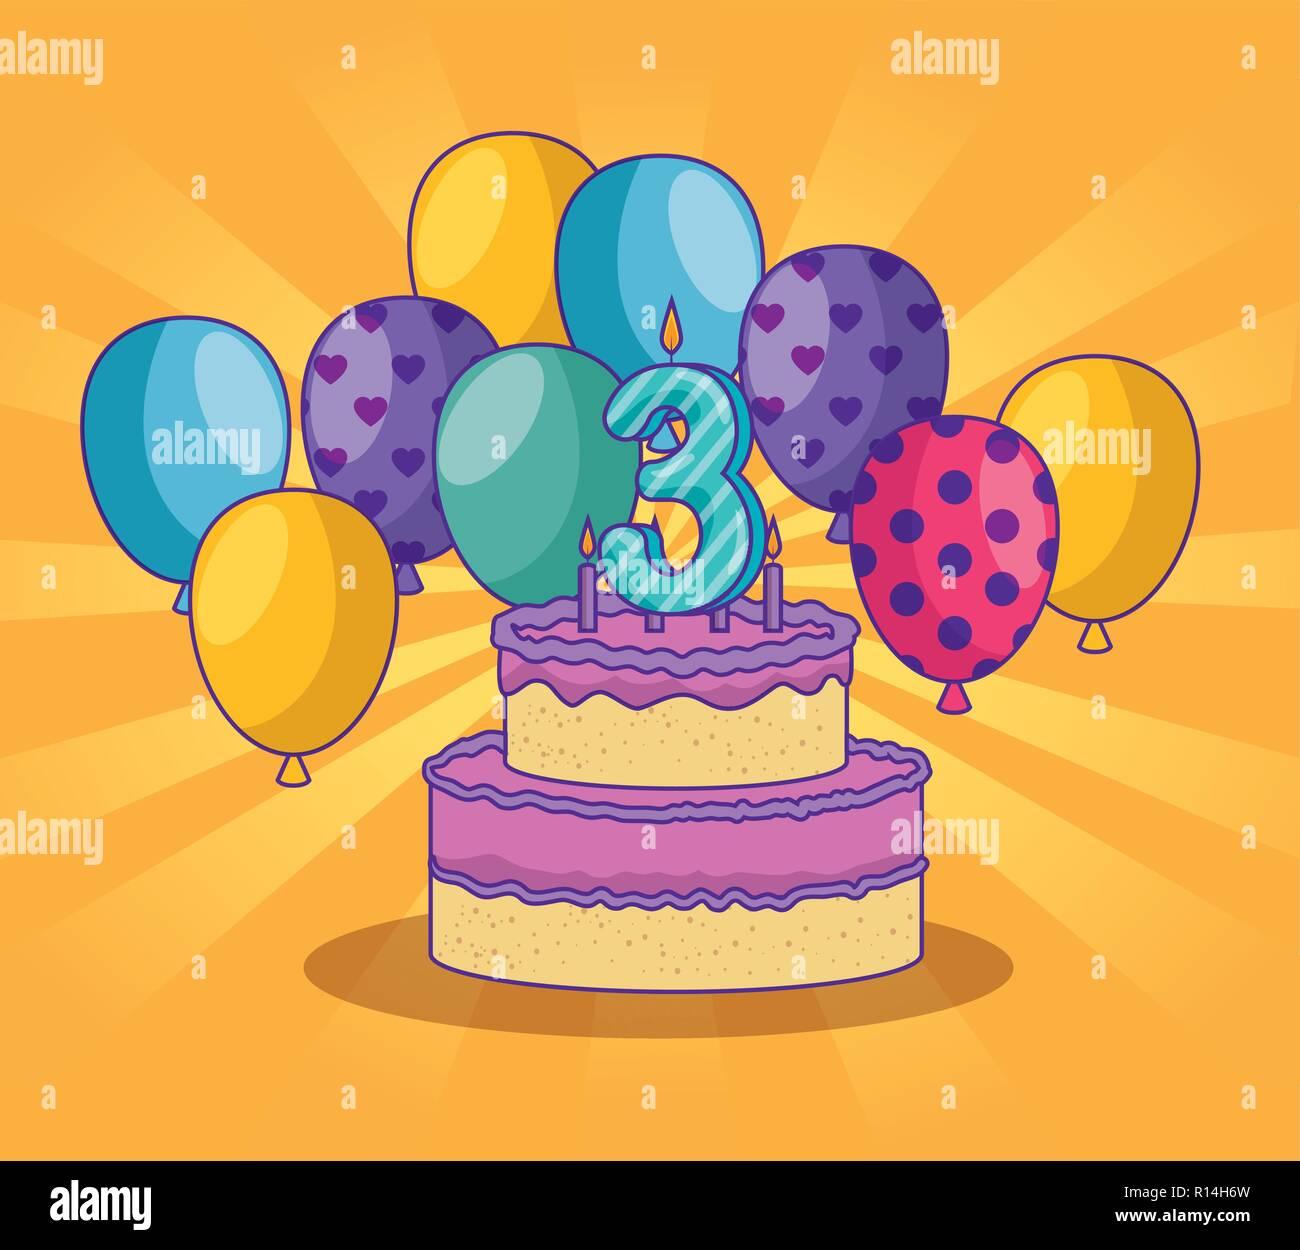 Geburtstag Mit Luftballons Und Kuchen Dekoration Stockbild